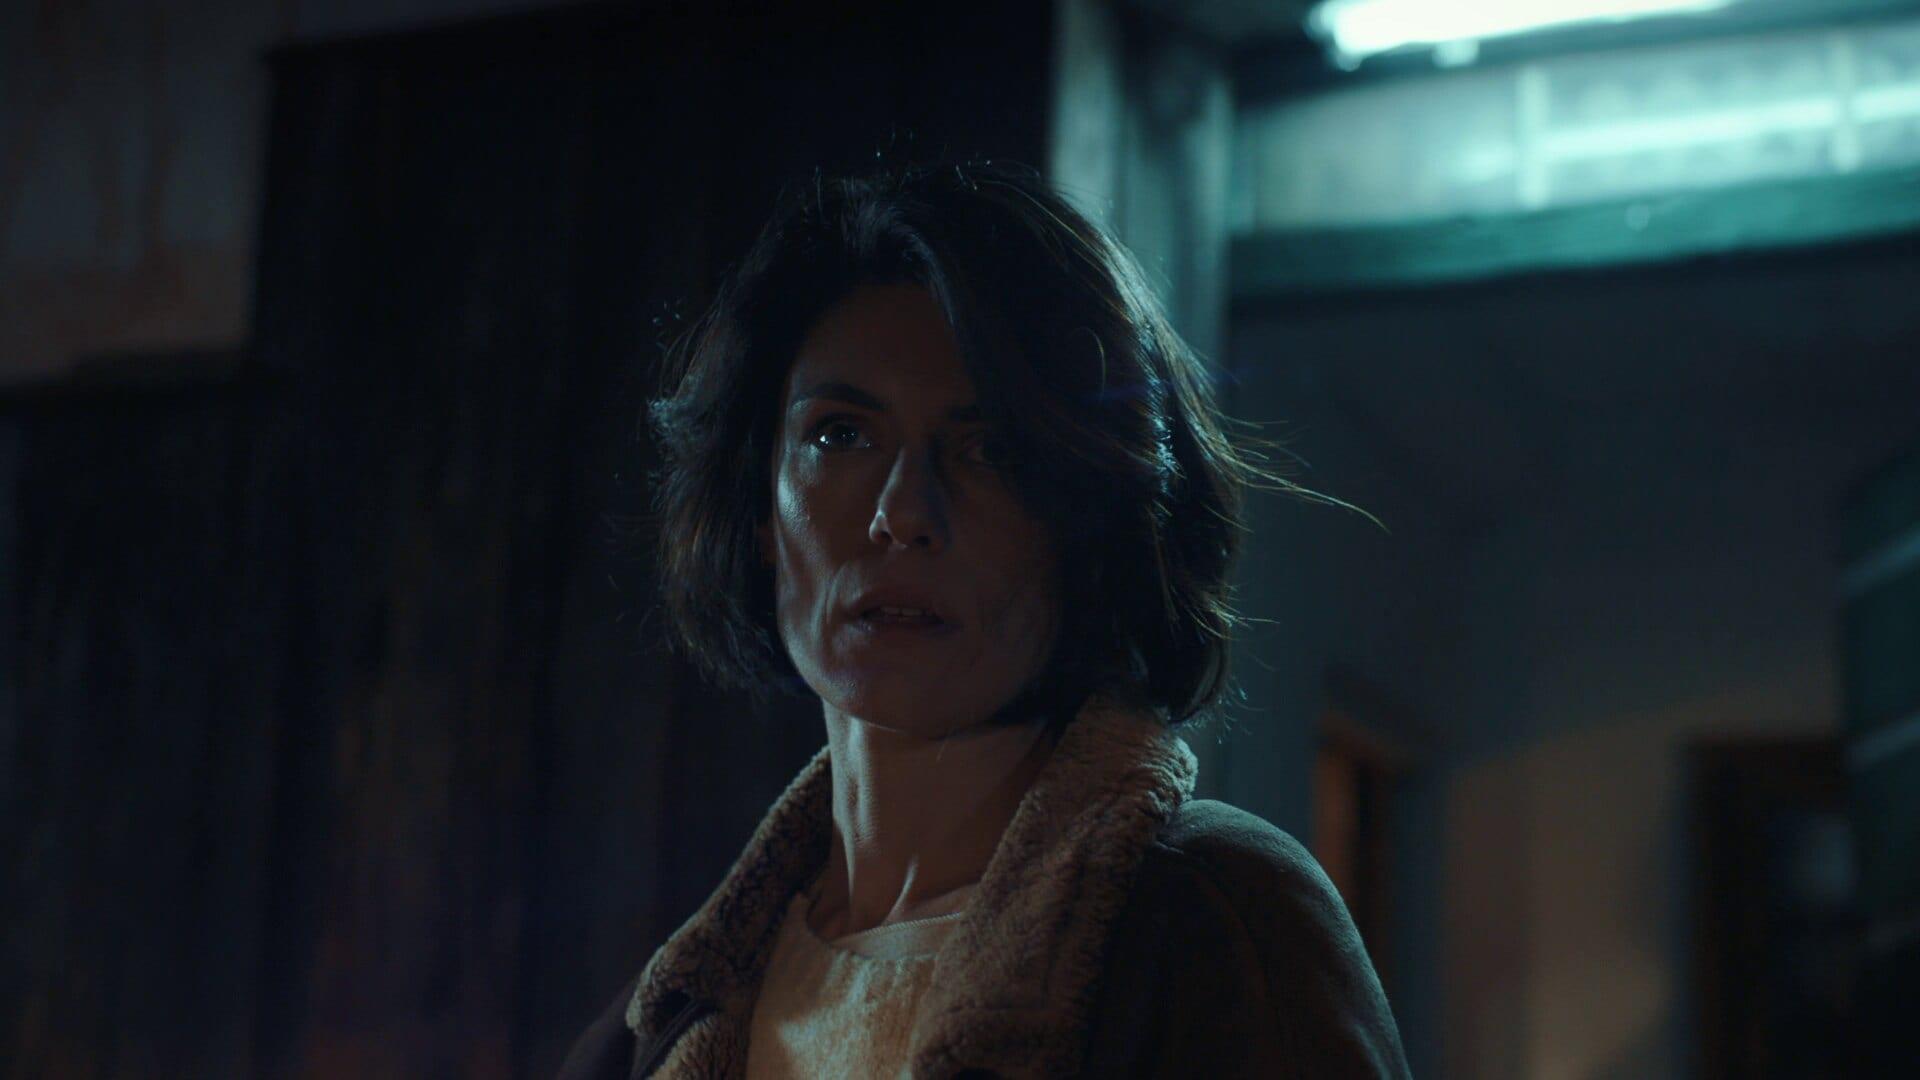 Fiction Club: Vite in fuga quinto appuntamento. Con Anna Valle e Claudio Gioè, in prima visione assoluta, in onda in prime time su RaiUno